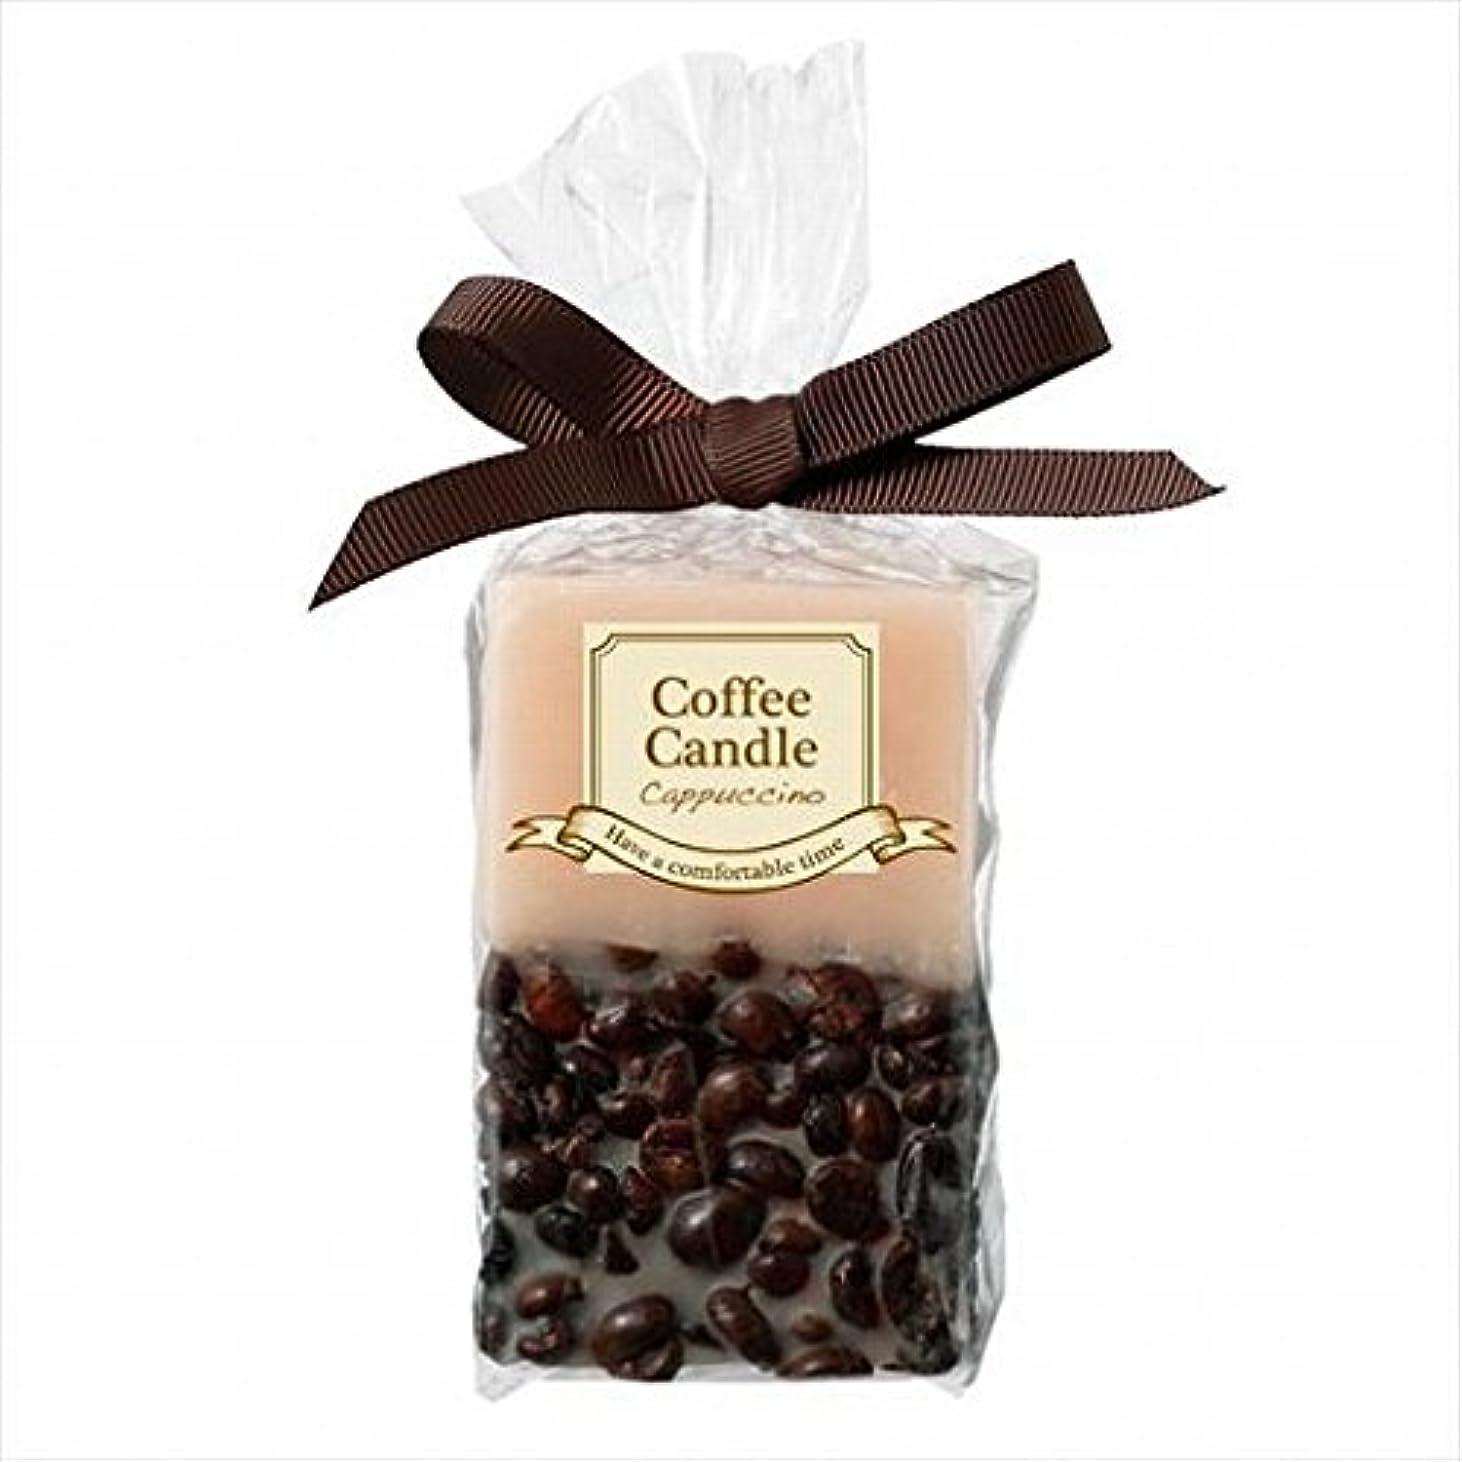 コメントカエル方程式sweets candle(スイーツキャンドル) カフェキャンドル 「 カプチーノ 」 キャンドル 48x48x78mm (A2060520)